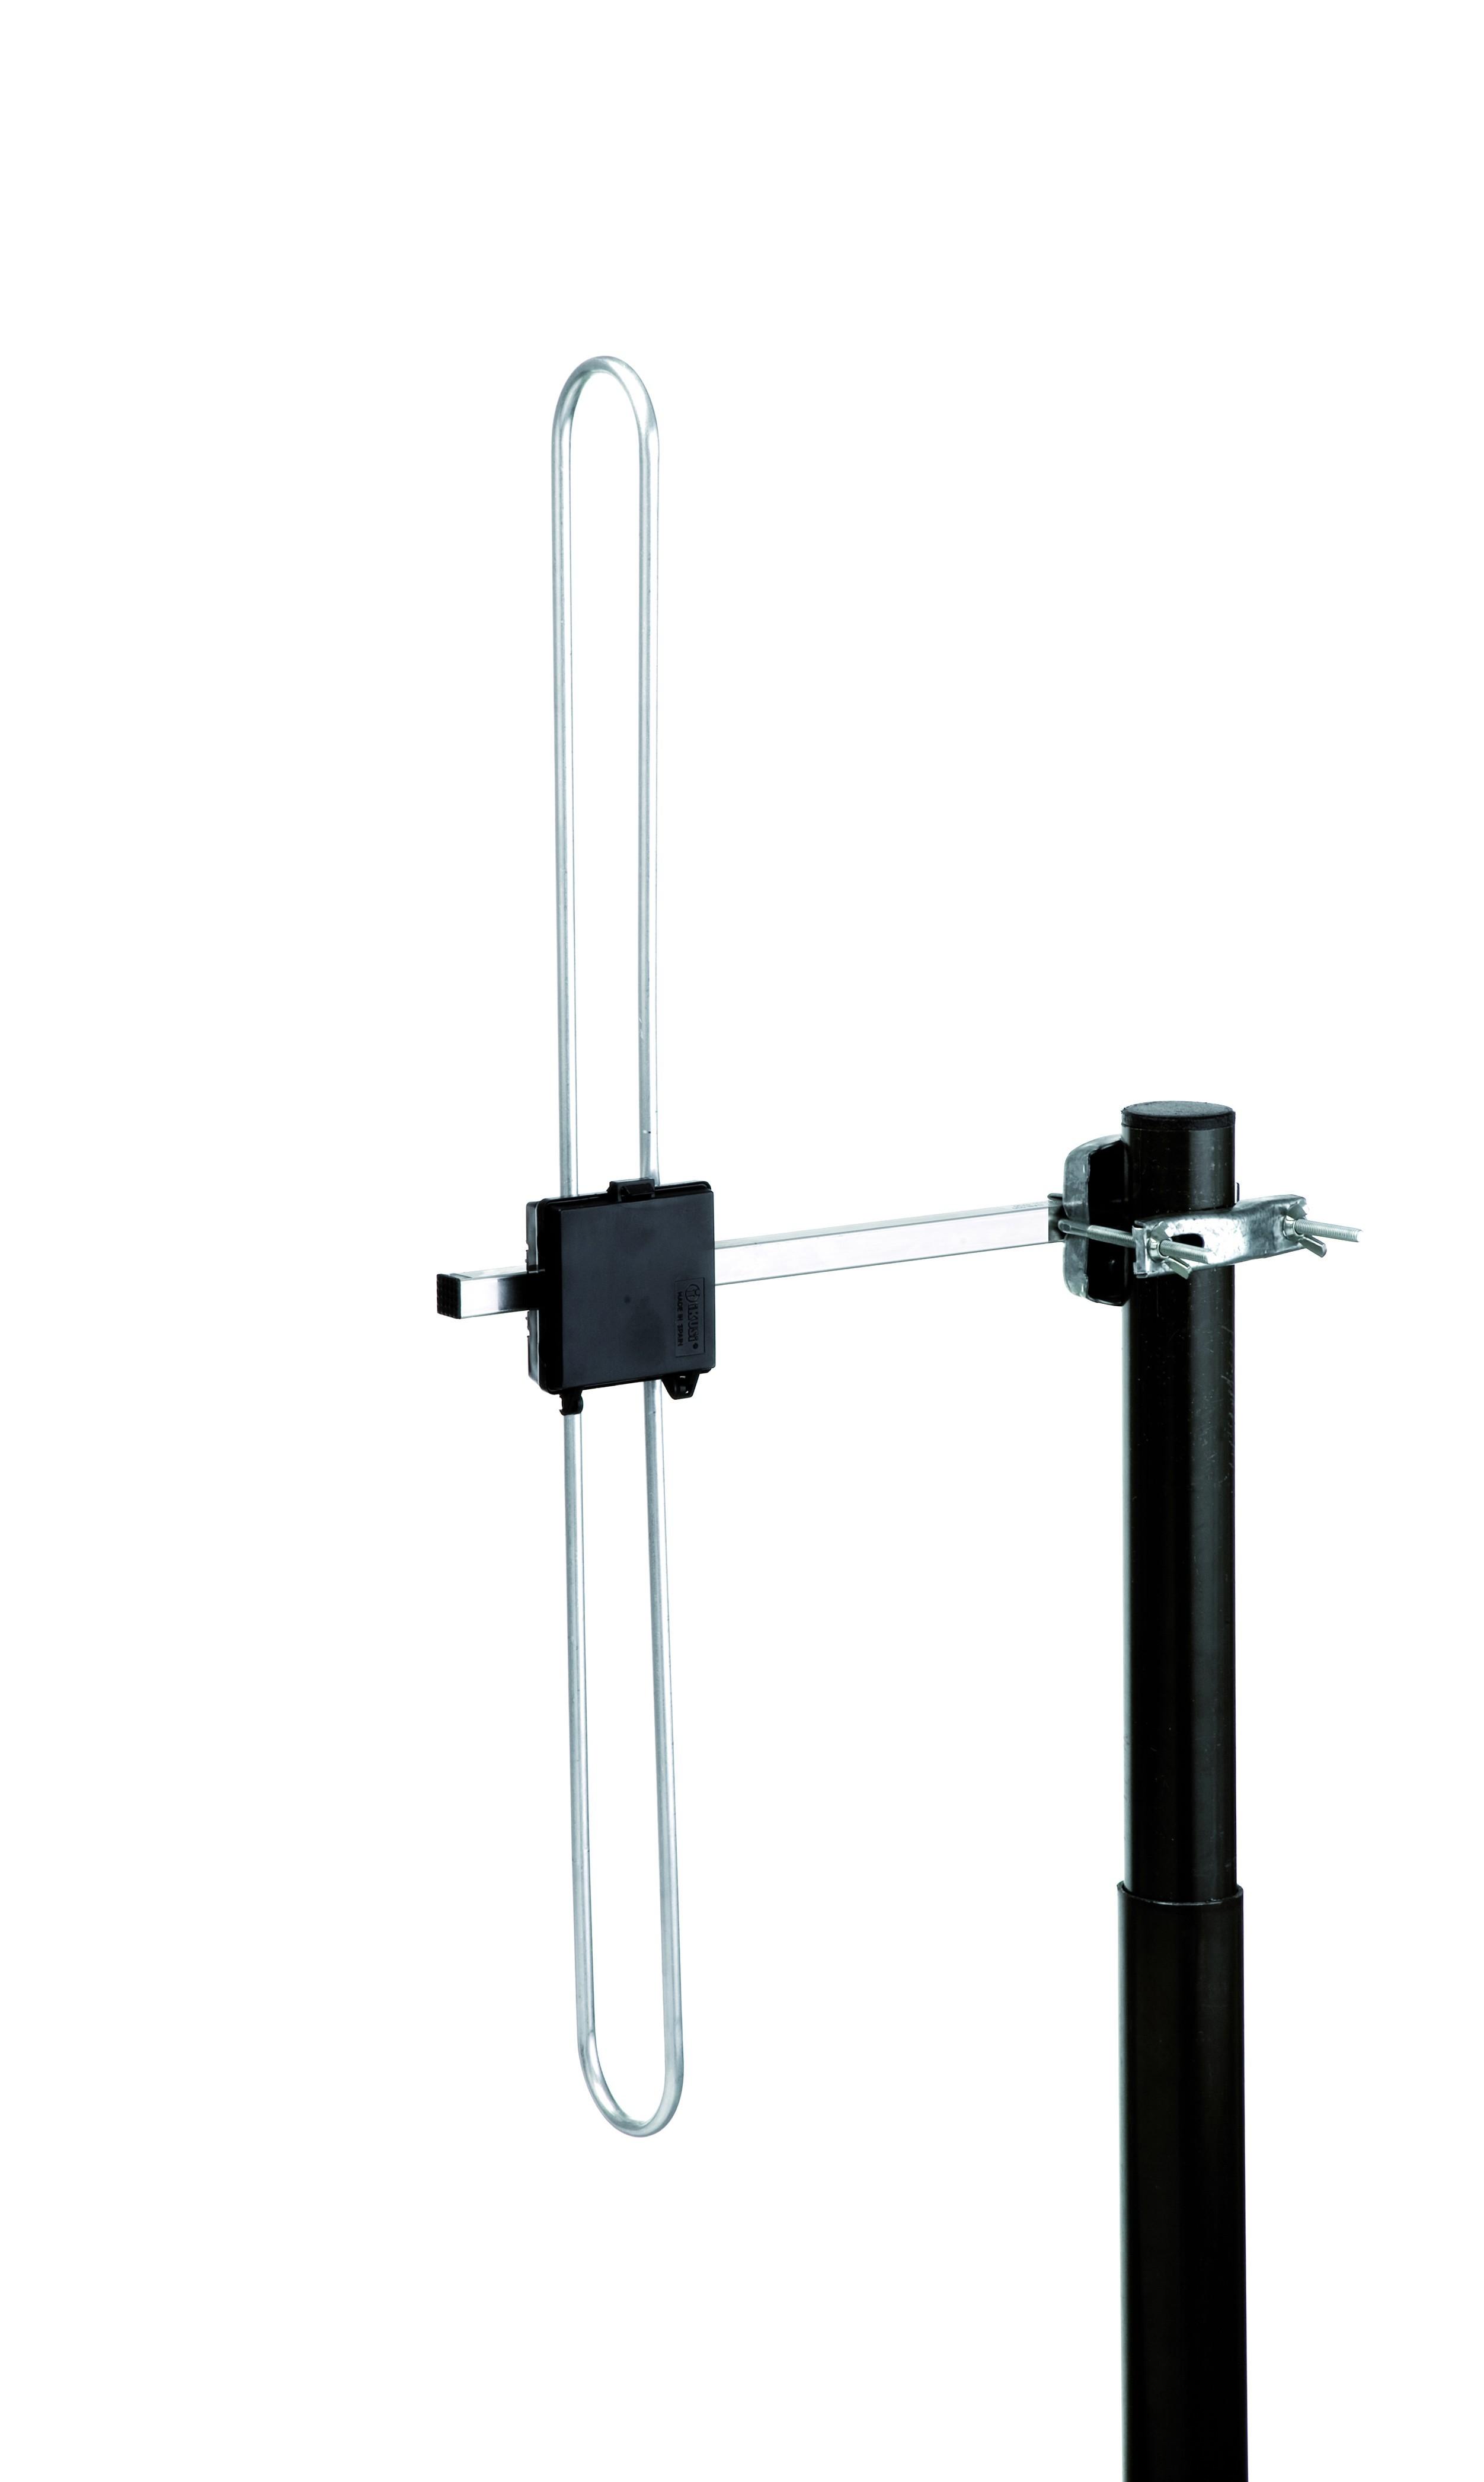 Antena radio digita.174-240 MHz. G2 dB